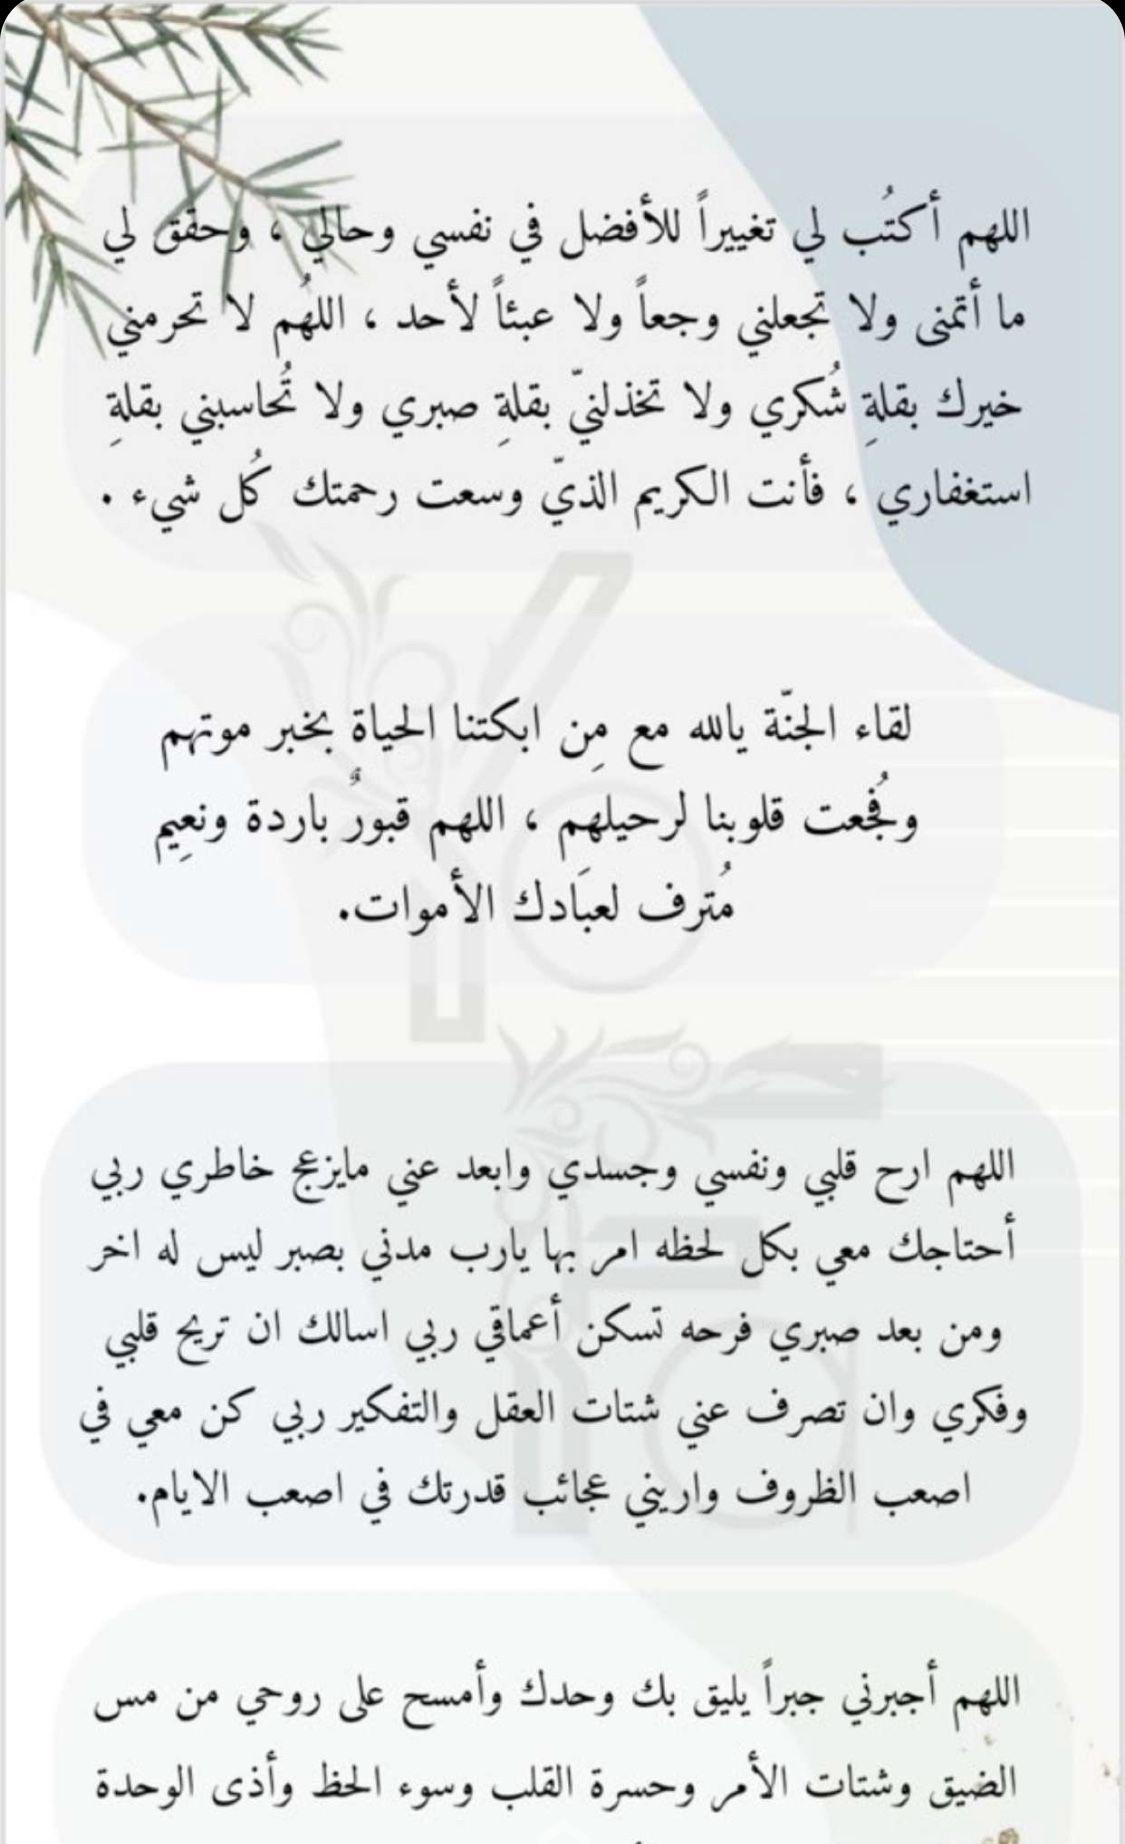 دعاء القدر Islamic Quotes Wallpaper Wallpaper Quotes Islamic Quotes